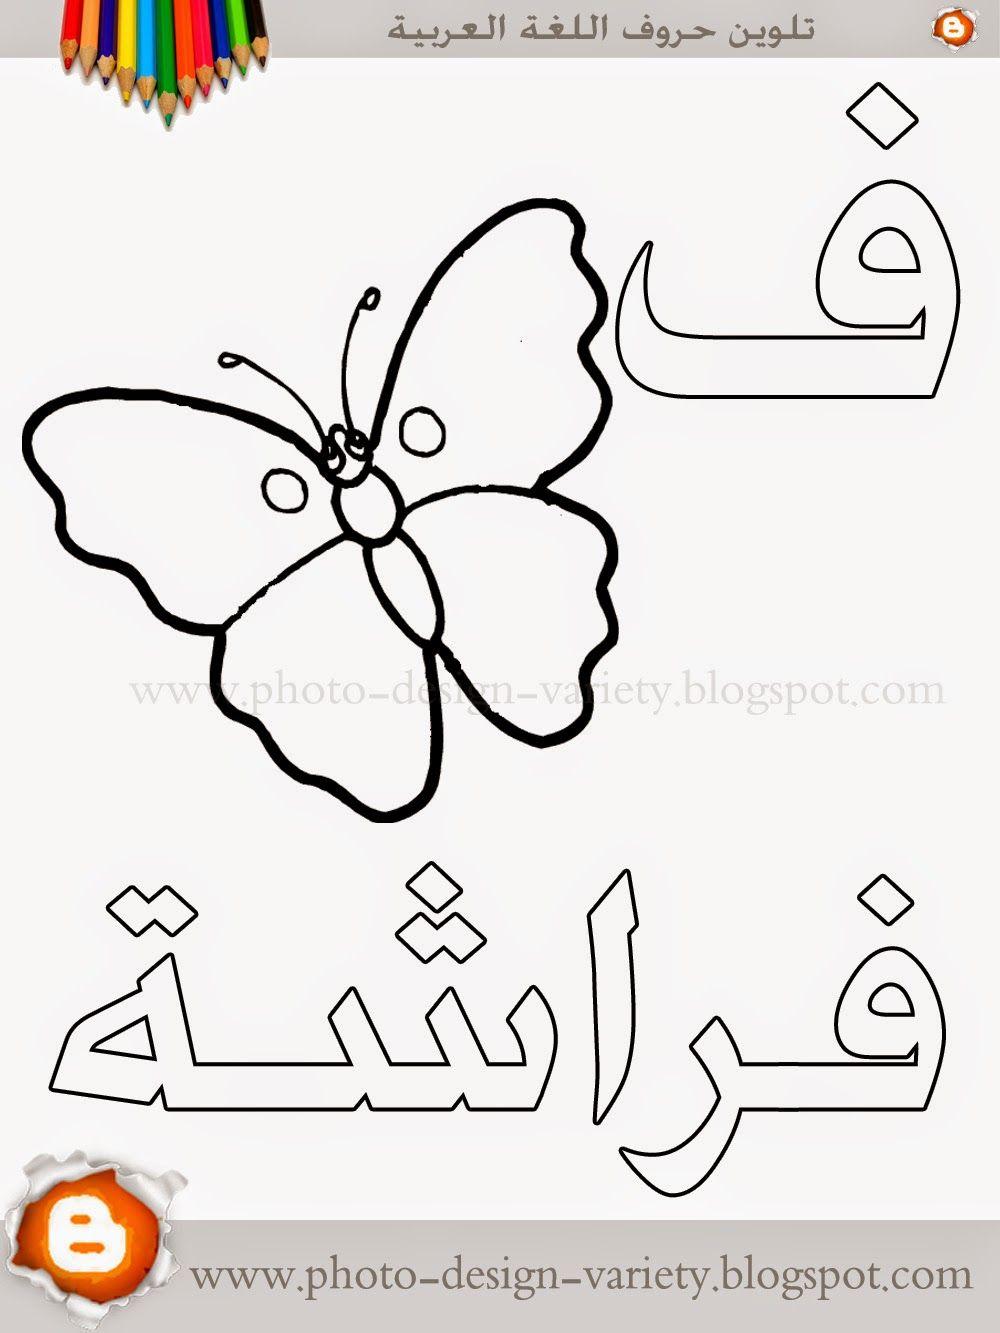 ألبومات صور منوعة البوم تلوين صور حروف هجاء اللغة العربية مع الأمثلة Arabic Alphabet Alphabet Coloring Pages Alphabet Activities Preschool